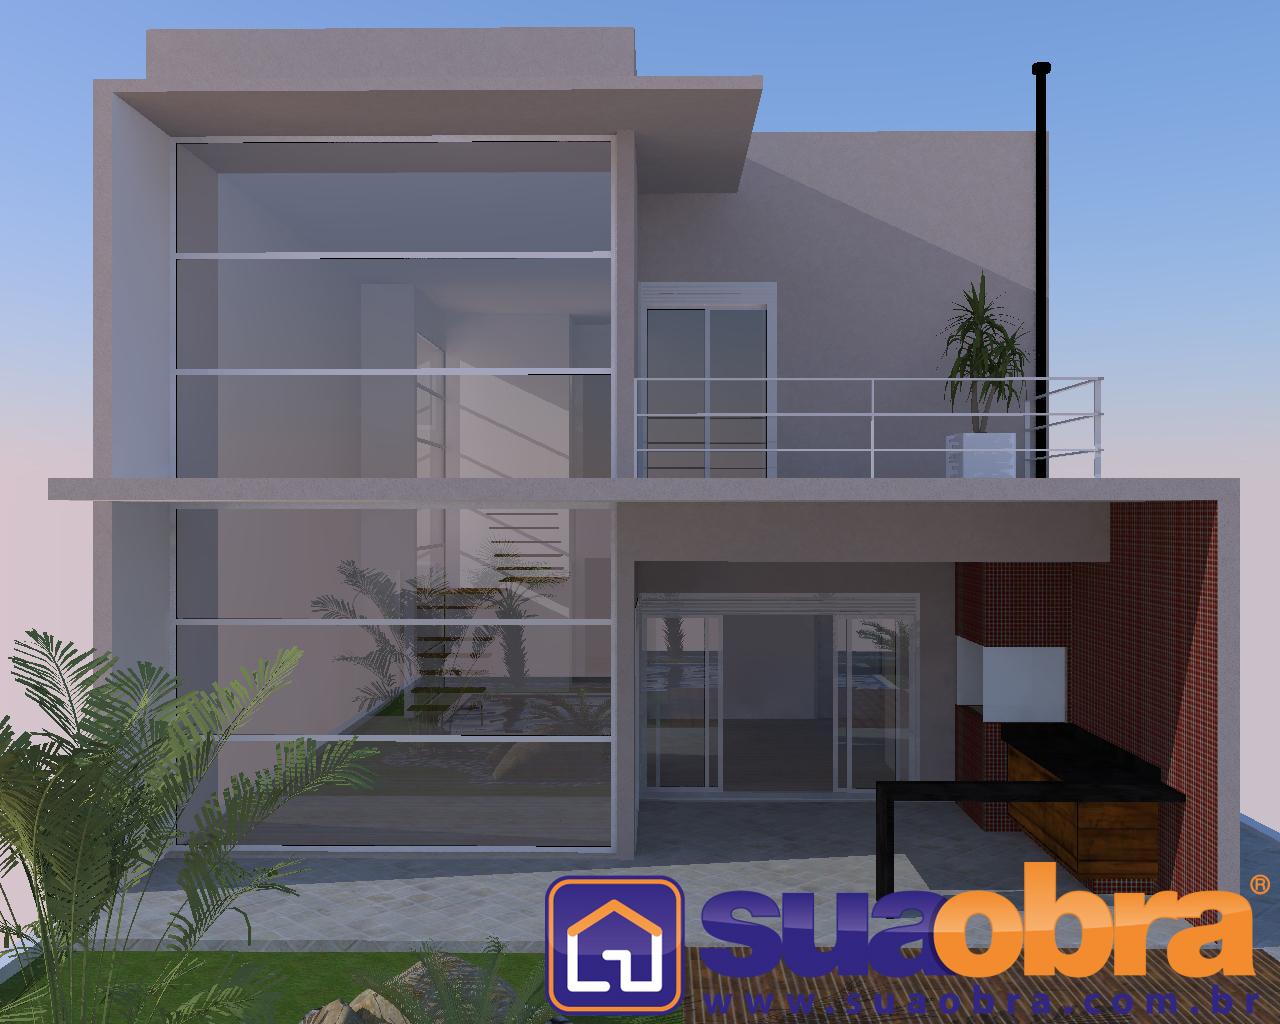 com 07 Projetos de Casas Térreas de Arquitetos e Engenheiros Famosos #BB6110 1280 1024